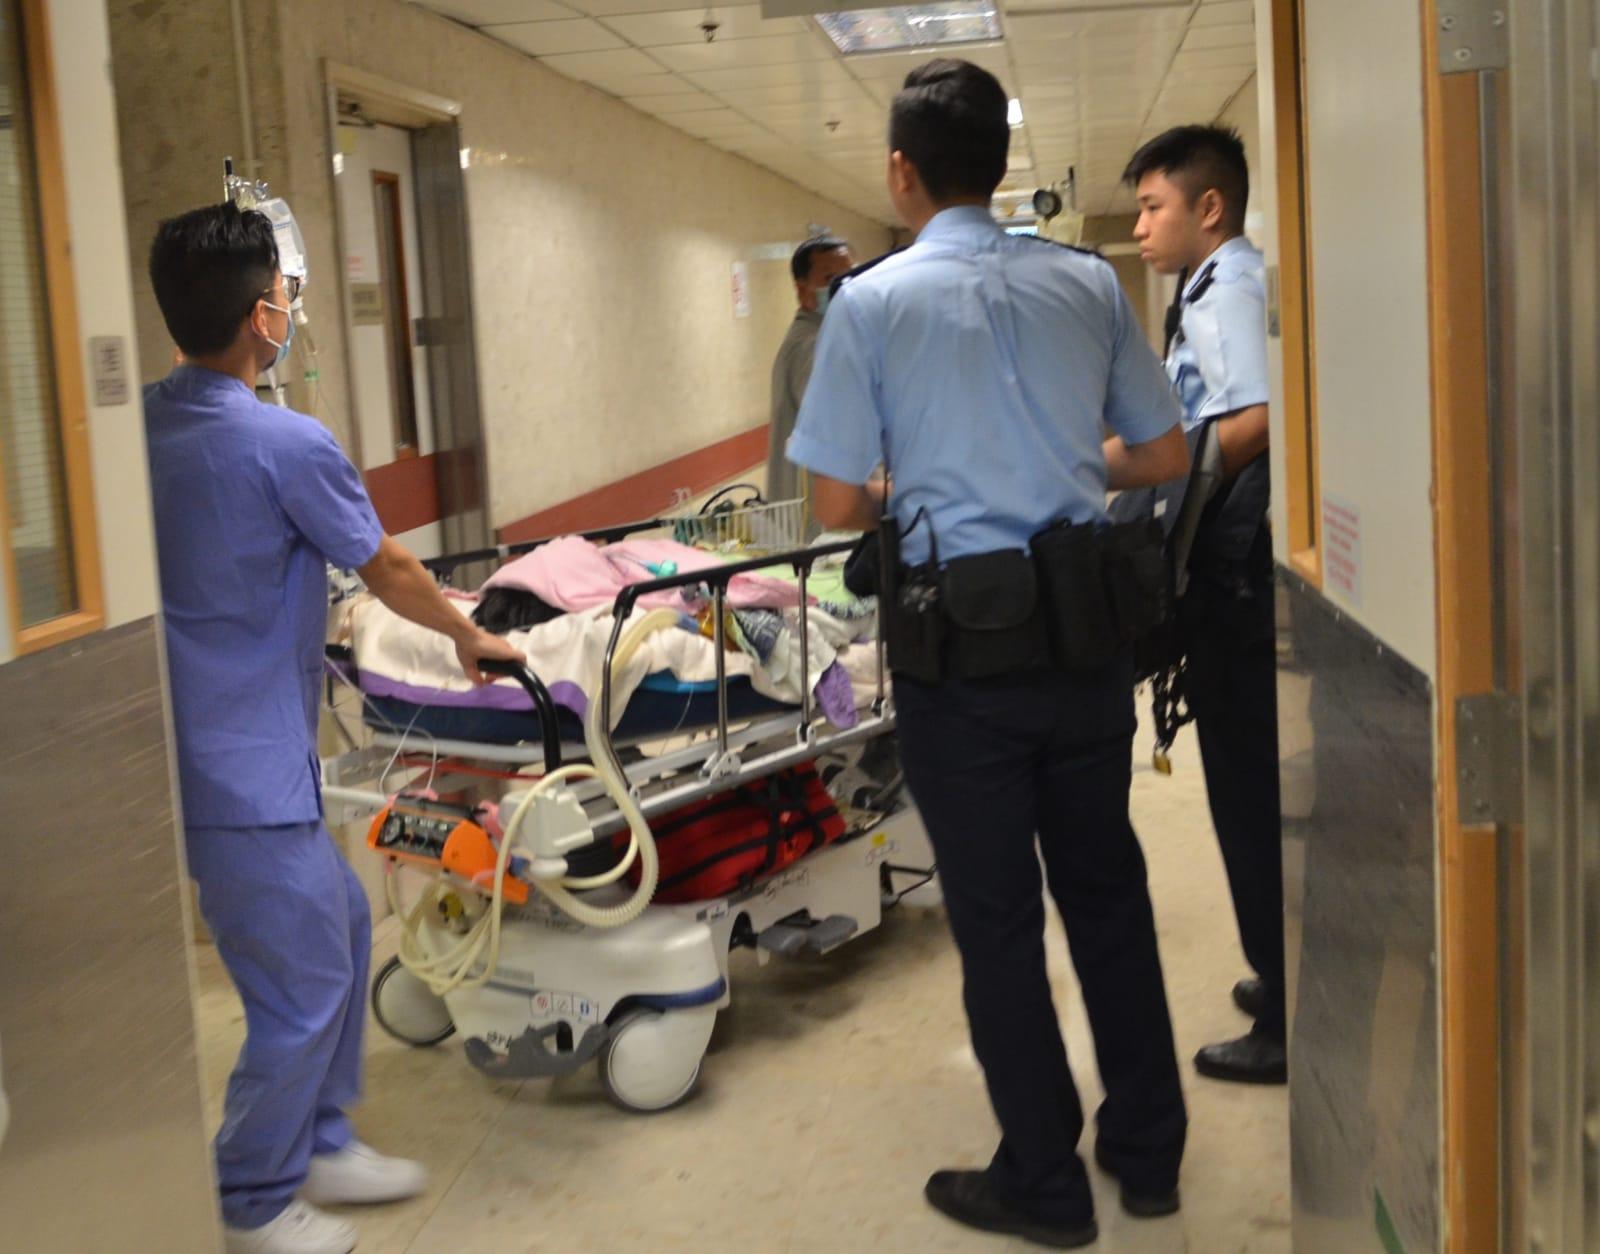 疑犯被推回深切治療部, 繼續由兩名軍裝警員看守。林思明攝